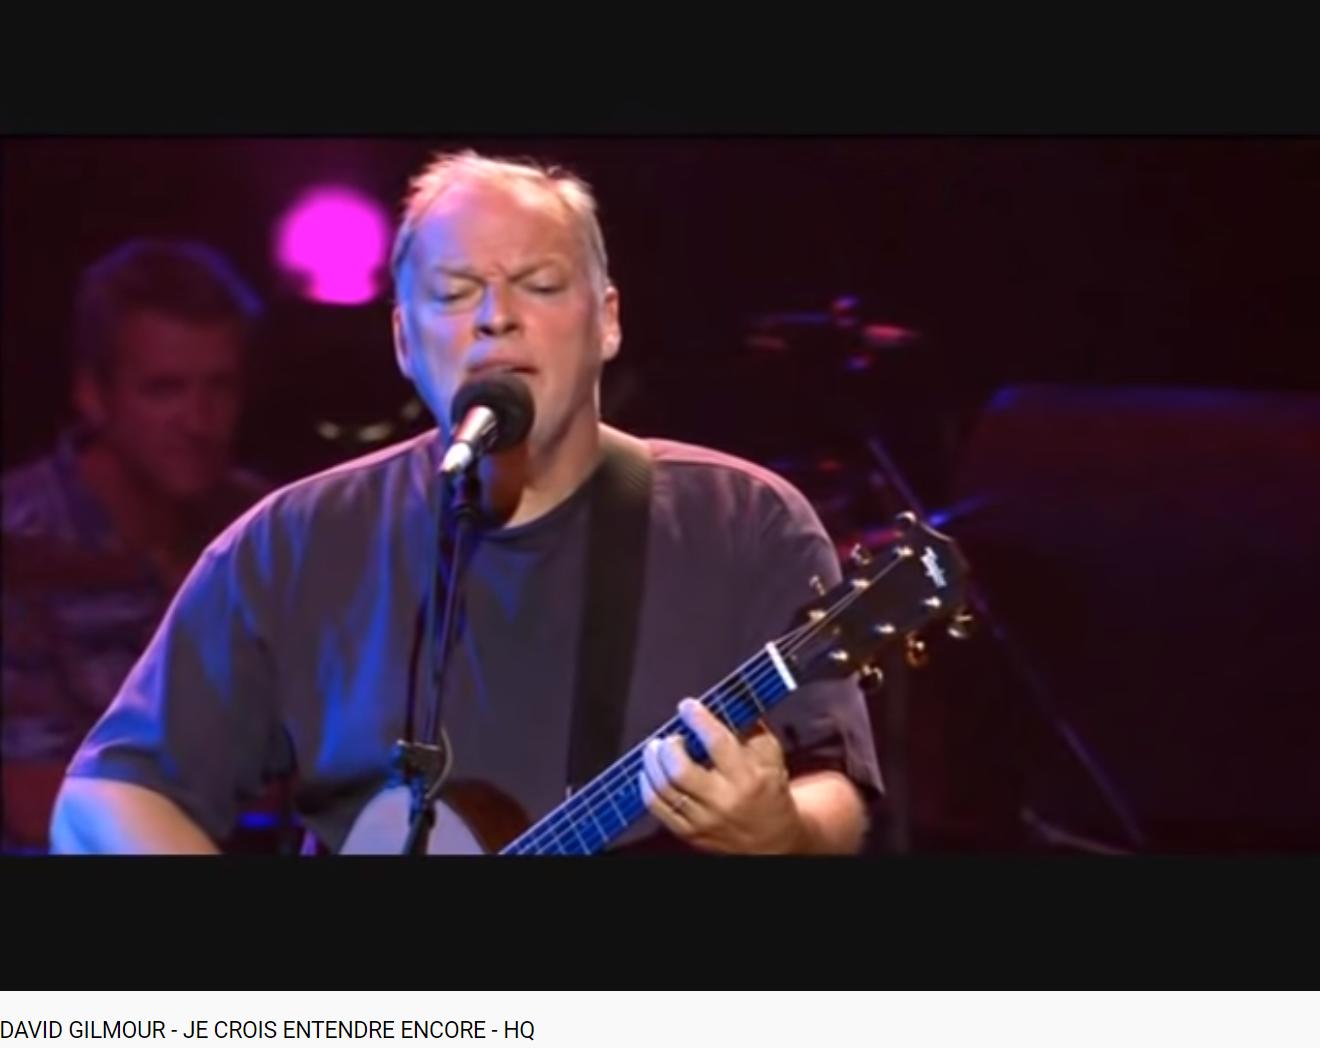 Bizet les pêcheurs de perle je crois entendre encore Gilmour